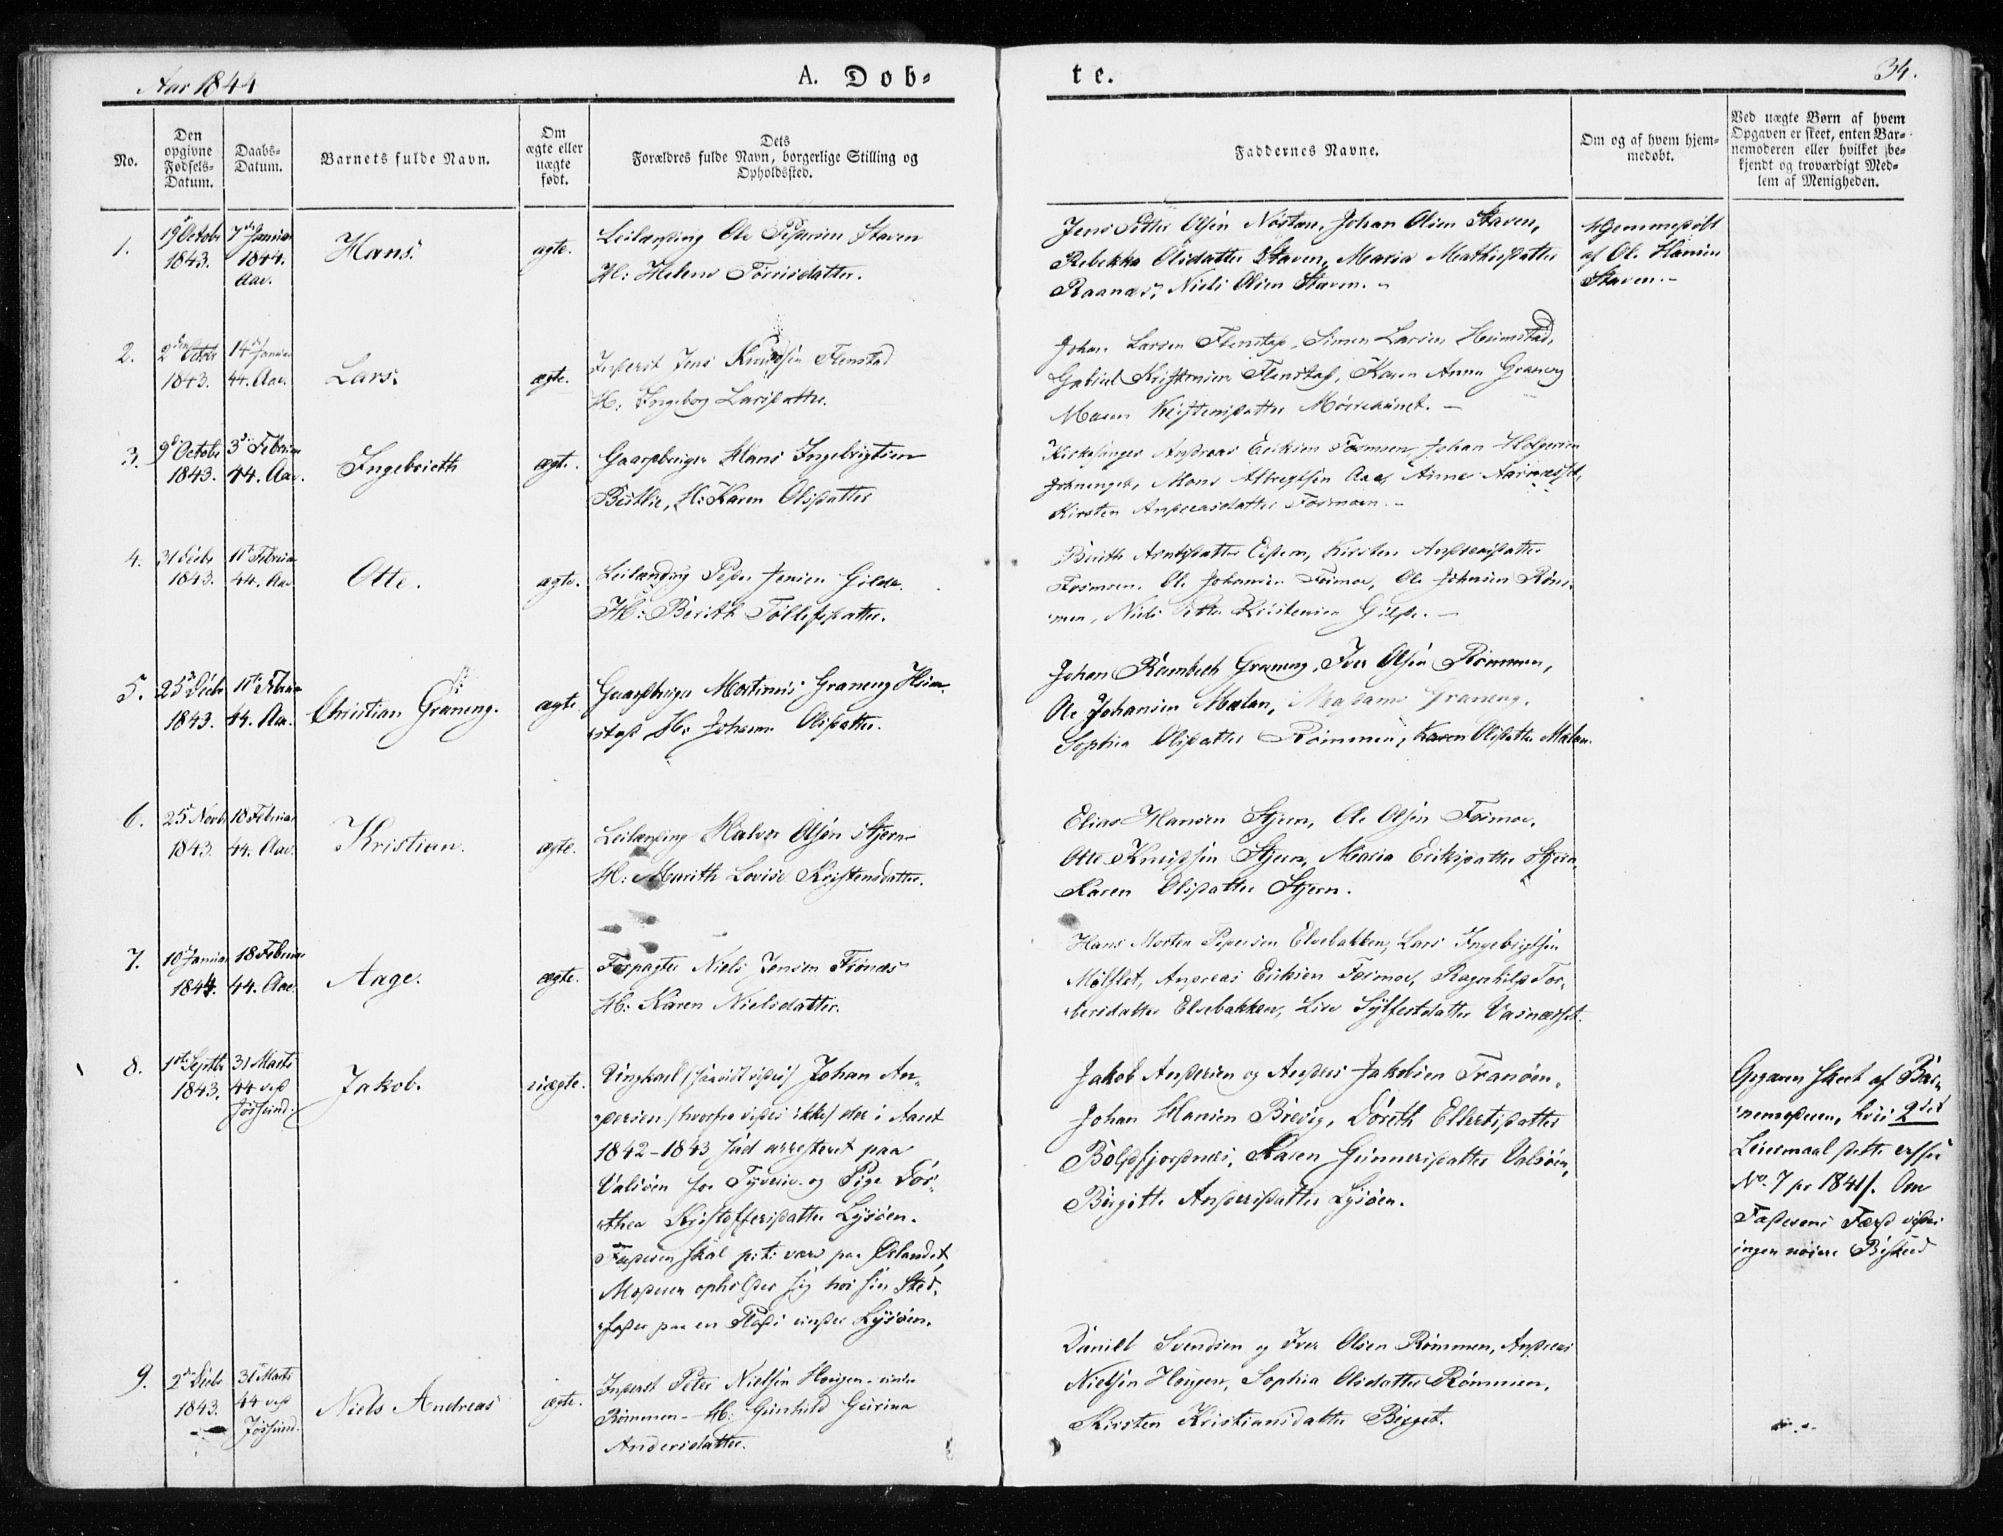 SAT, Ministerialprotokoller, klokkerbøker og fødselsregistre - Sør-Trøndelag, 655/L0676: Ministerialbok nr. 655A05, 1830-1847, s. 34